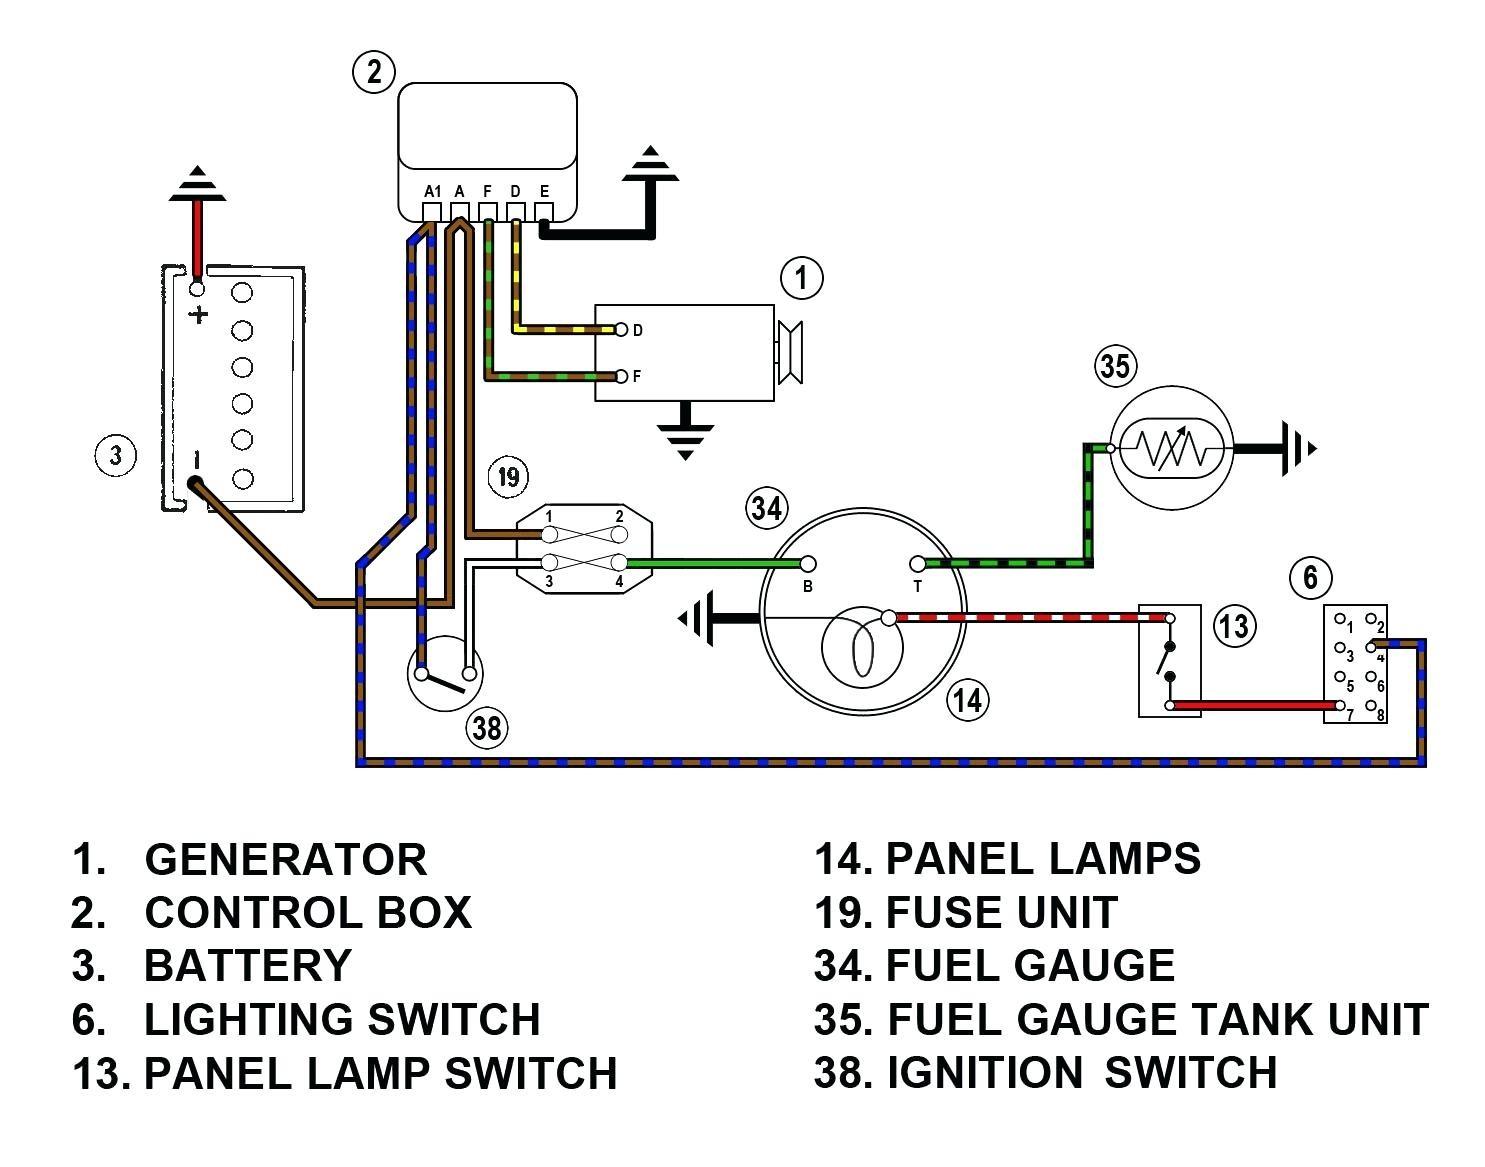 fortable Sunpro Amp Gauge Wiring Schematic Wiring